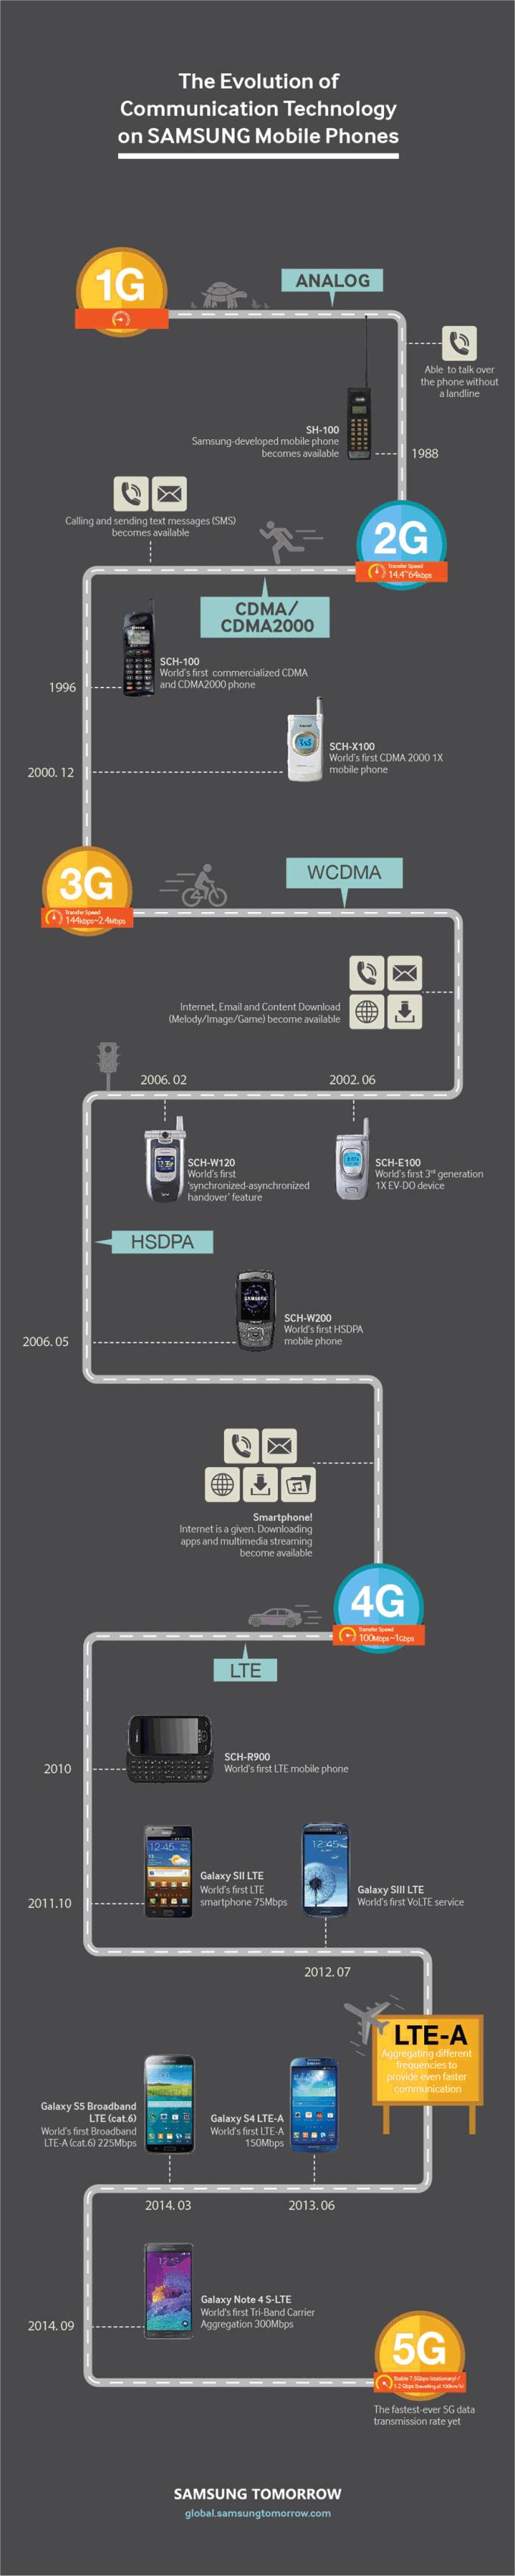 infografika - Historia sieci komórkowych od 1G do 5G